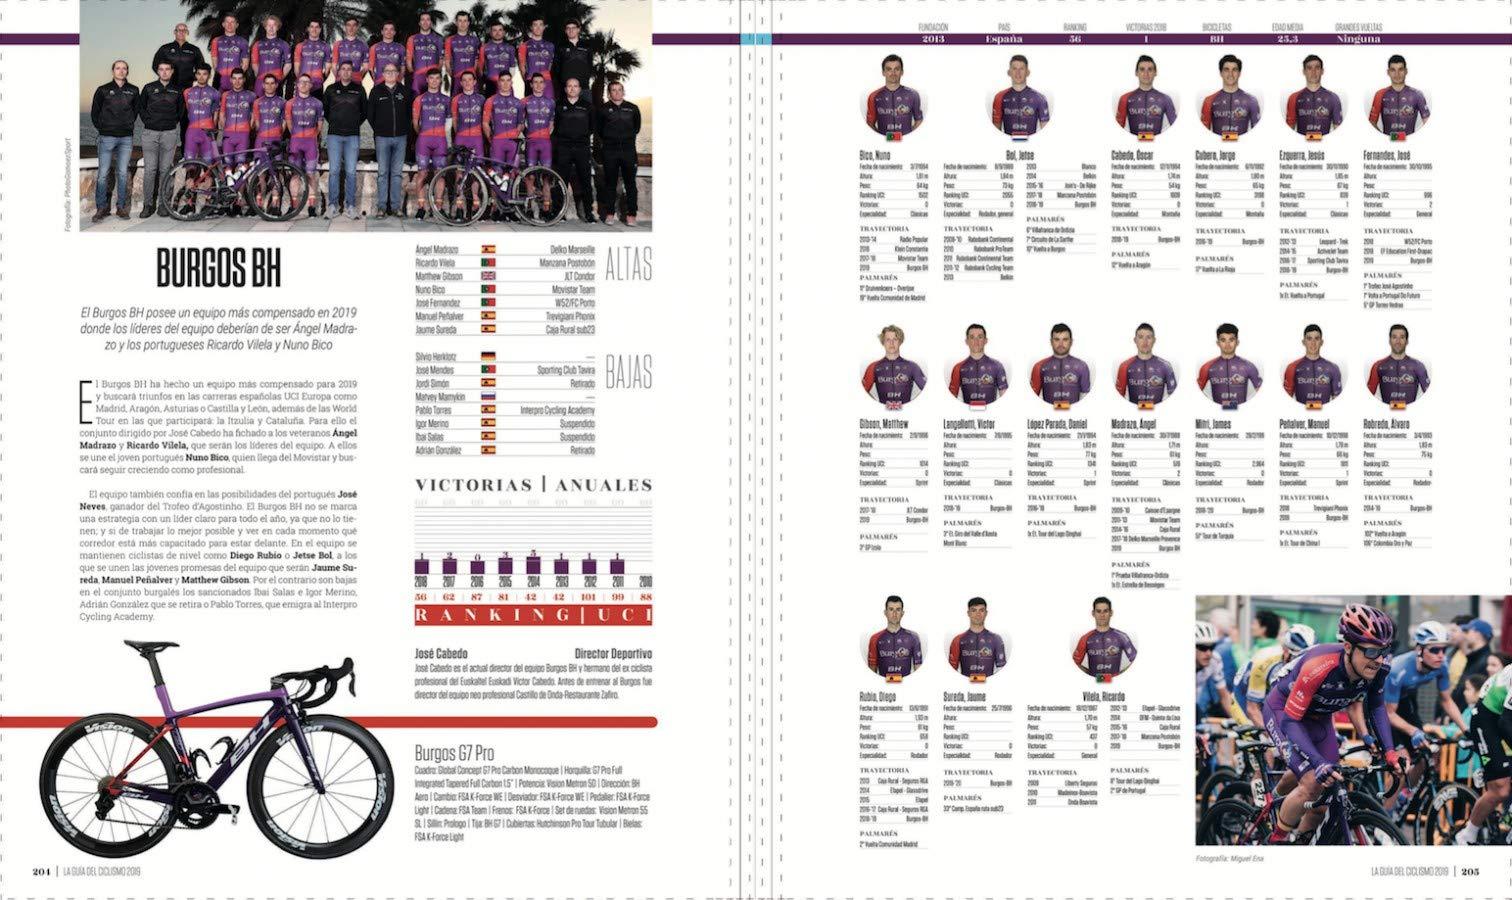 La Guia del Ciclismo - 2019. Otra Visión del Ciclismo Profesional ...